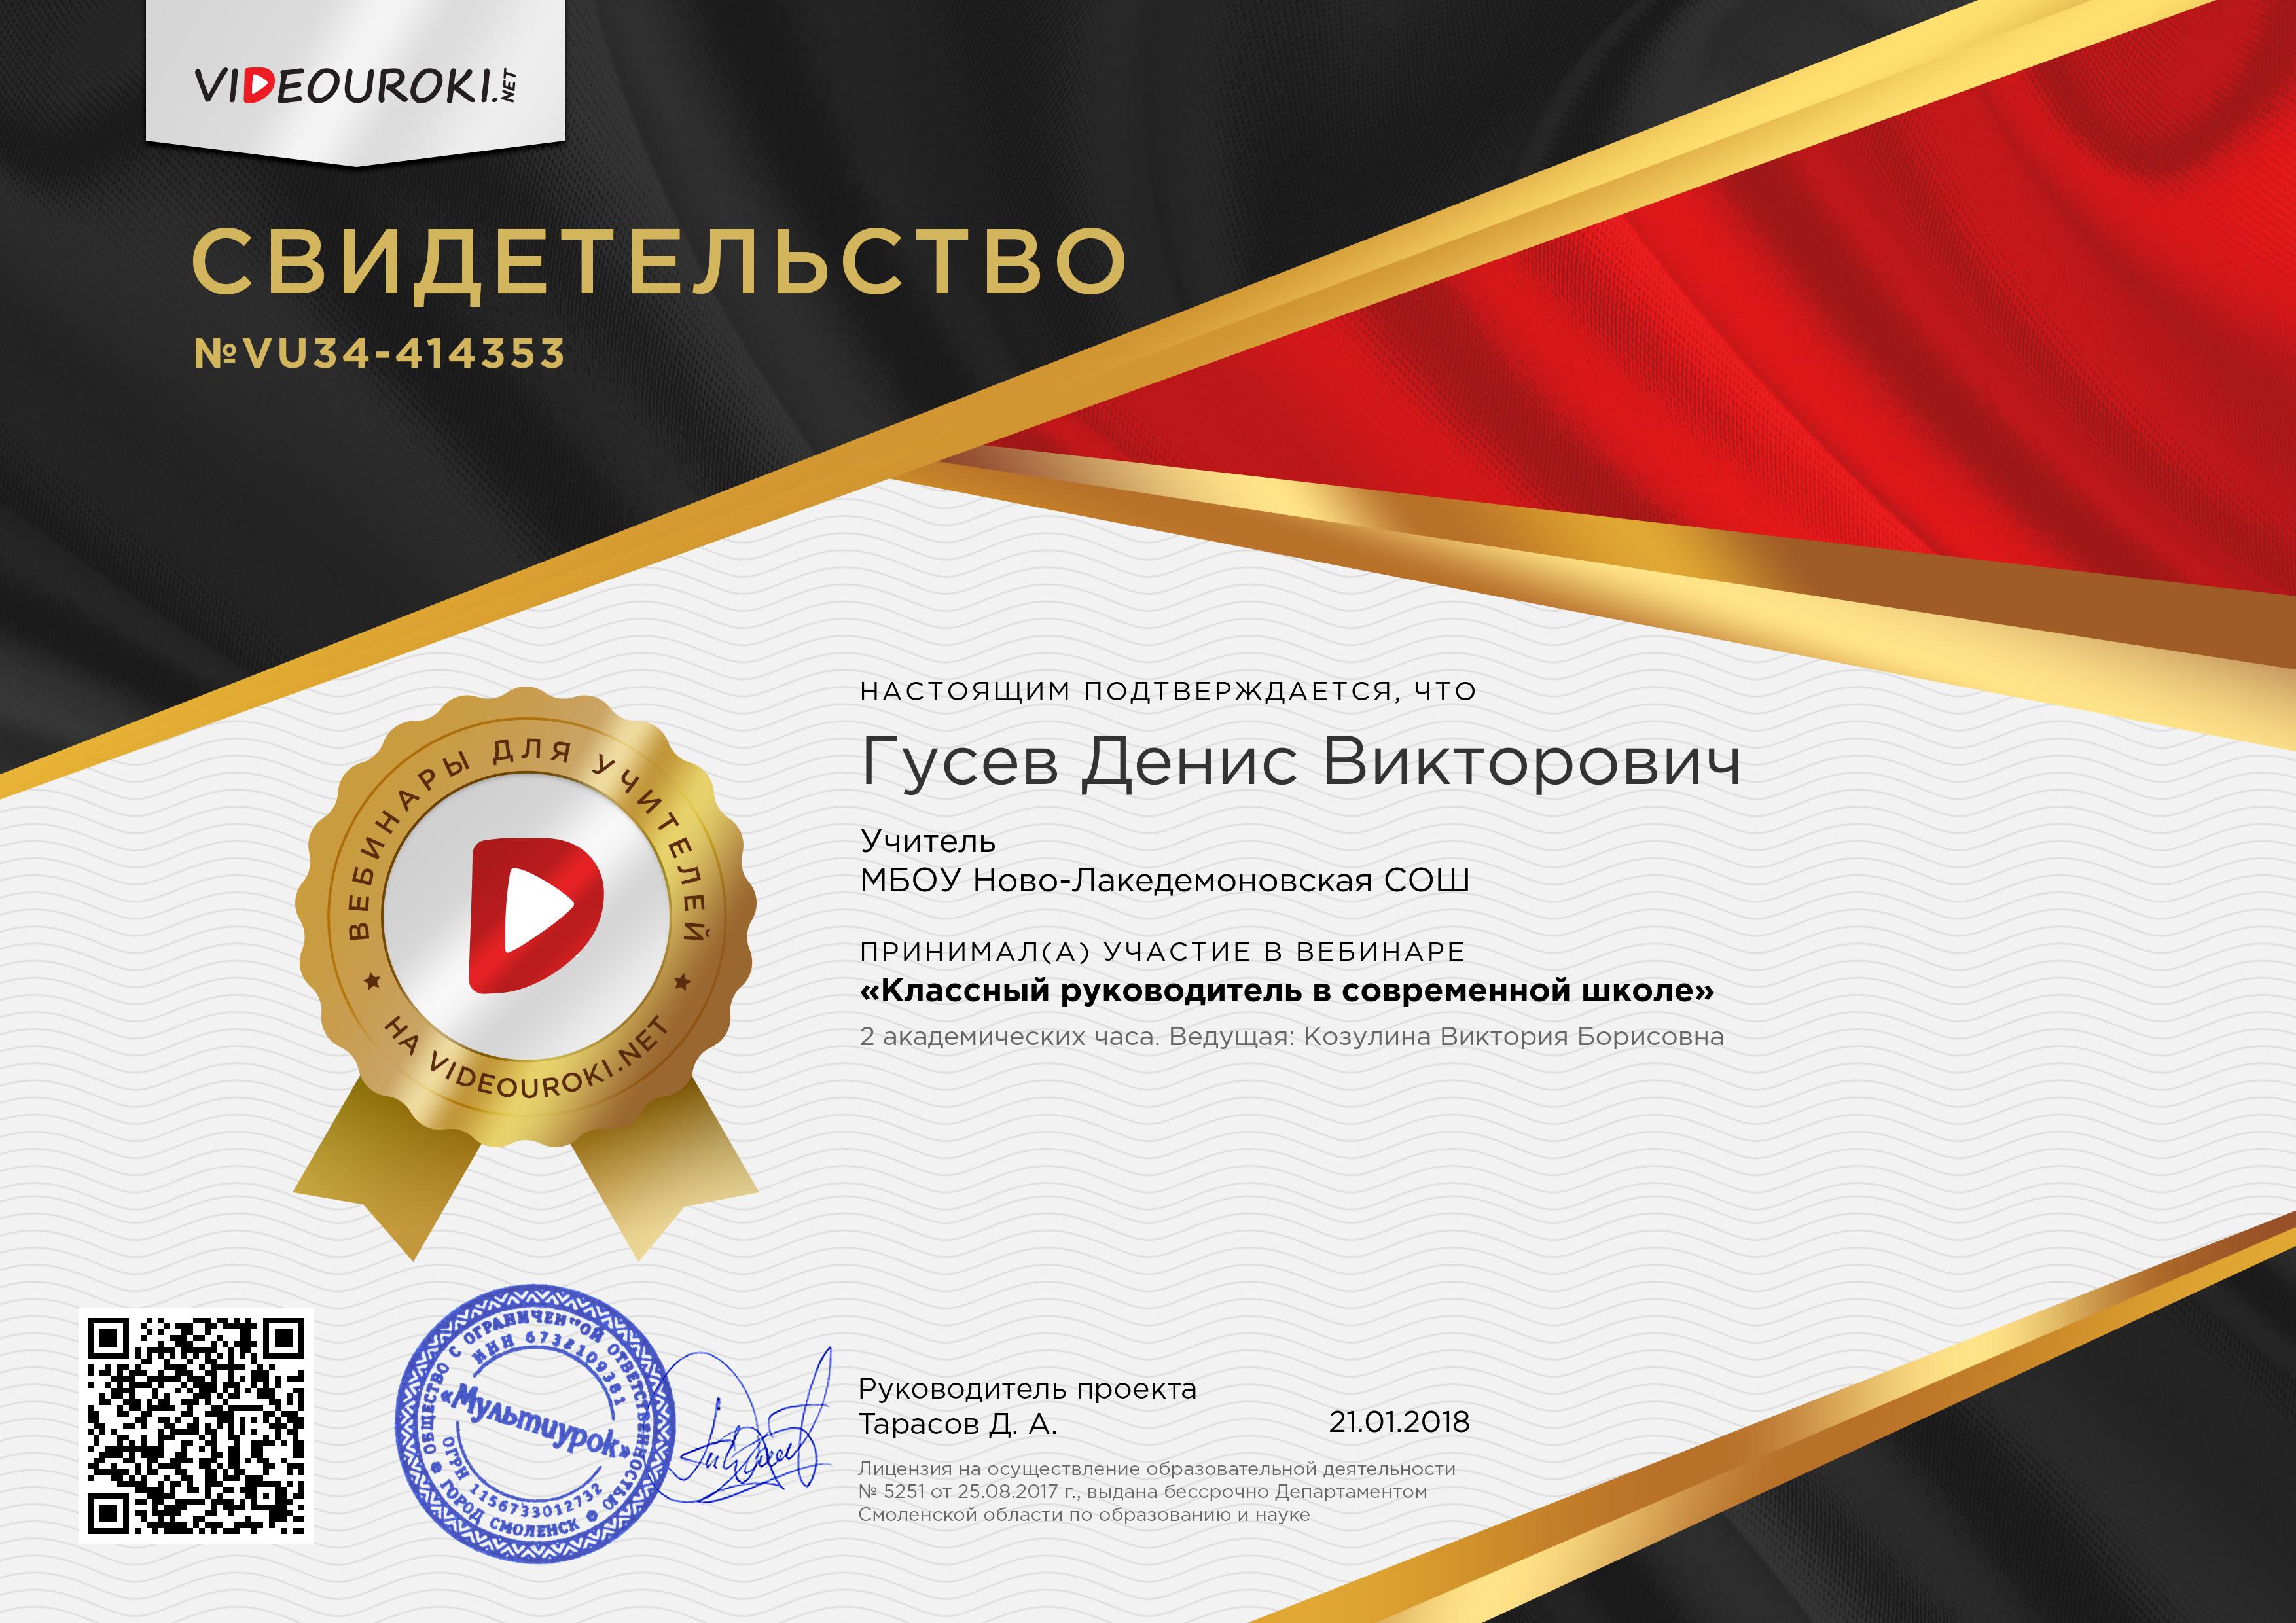 Свидетельство videouroki.ru